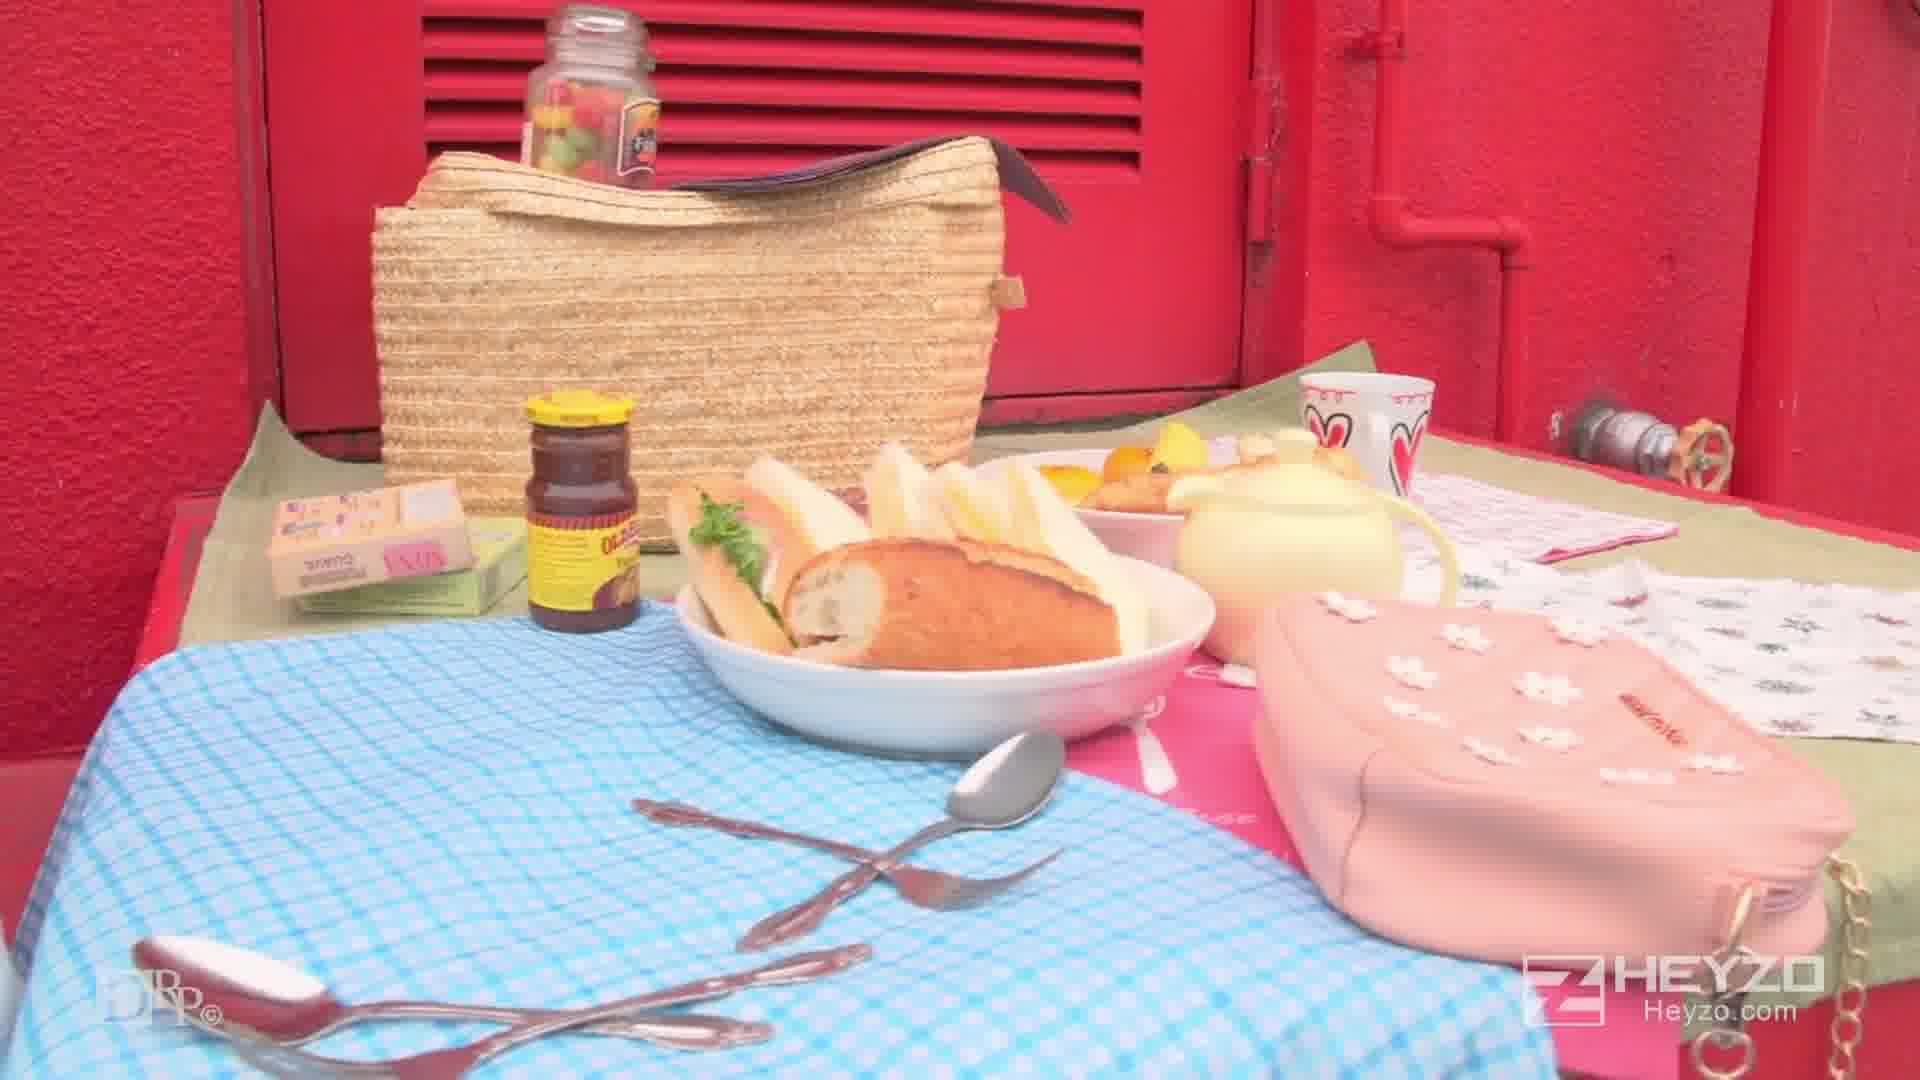 純な彼女とピクニックでシッポリ!続きはホテルでズッポリ!! - 前田さおり【曇り ピクニック 弁当 パン 階段フェラ】